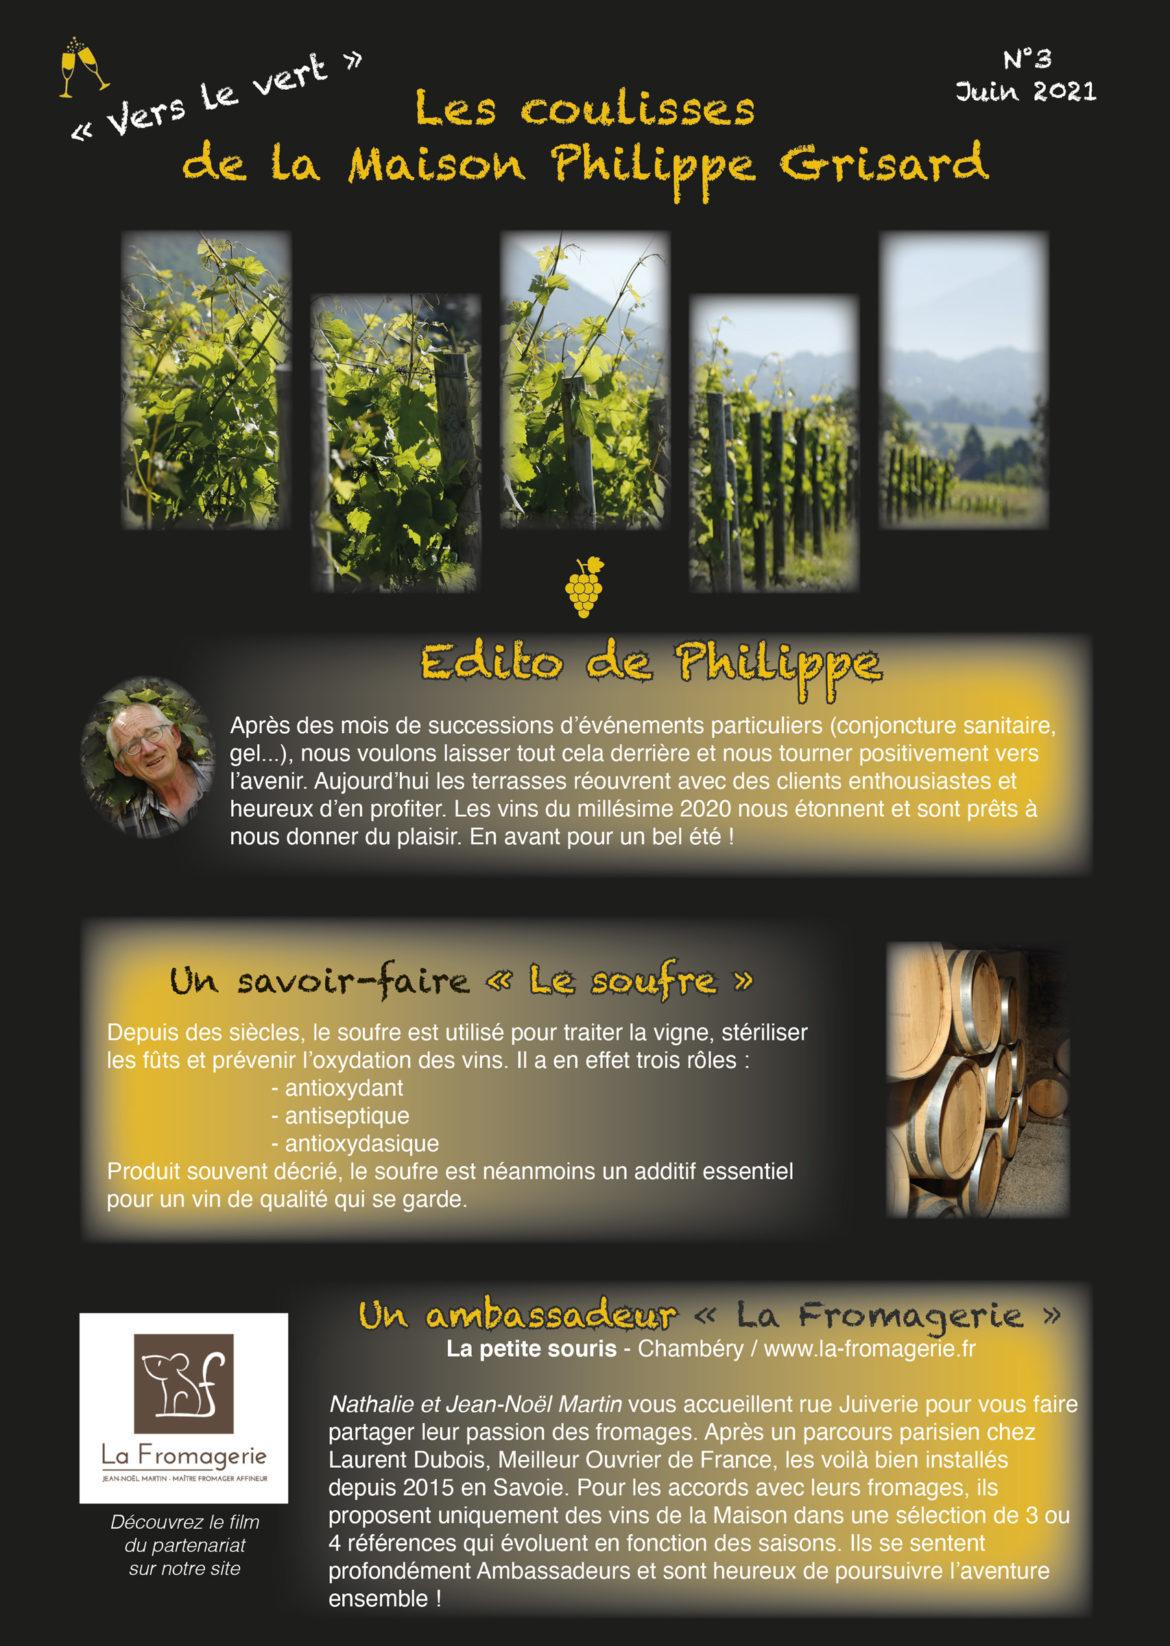 Les-coulisses-N°3-p1.jpg